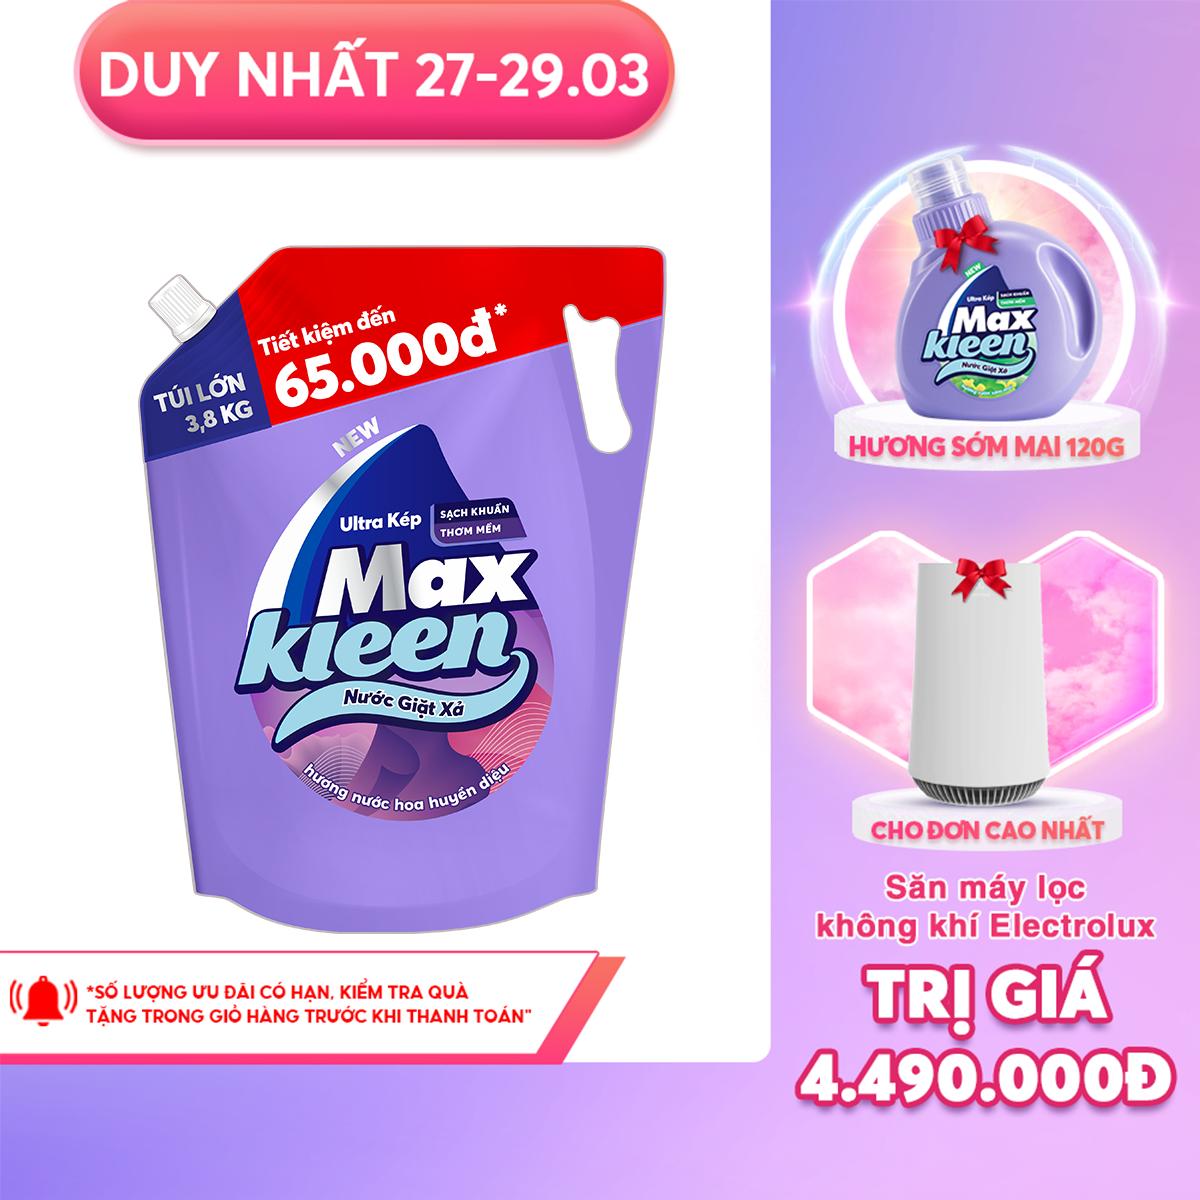 Túi Nước Giặt Xả Maxkleen Hương Nước Hoa Huyền Diệu (3.8kg)